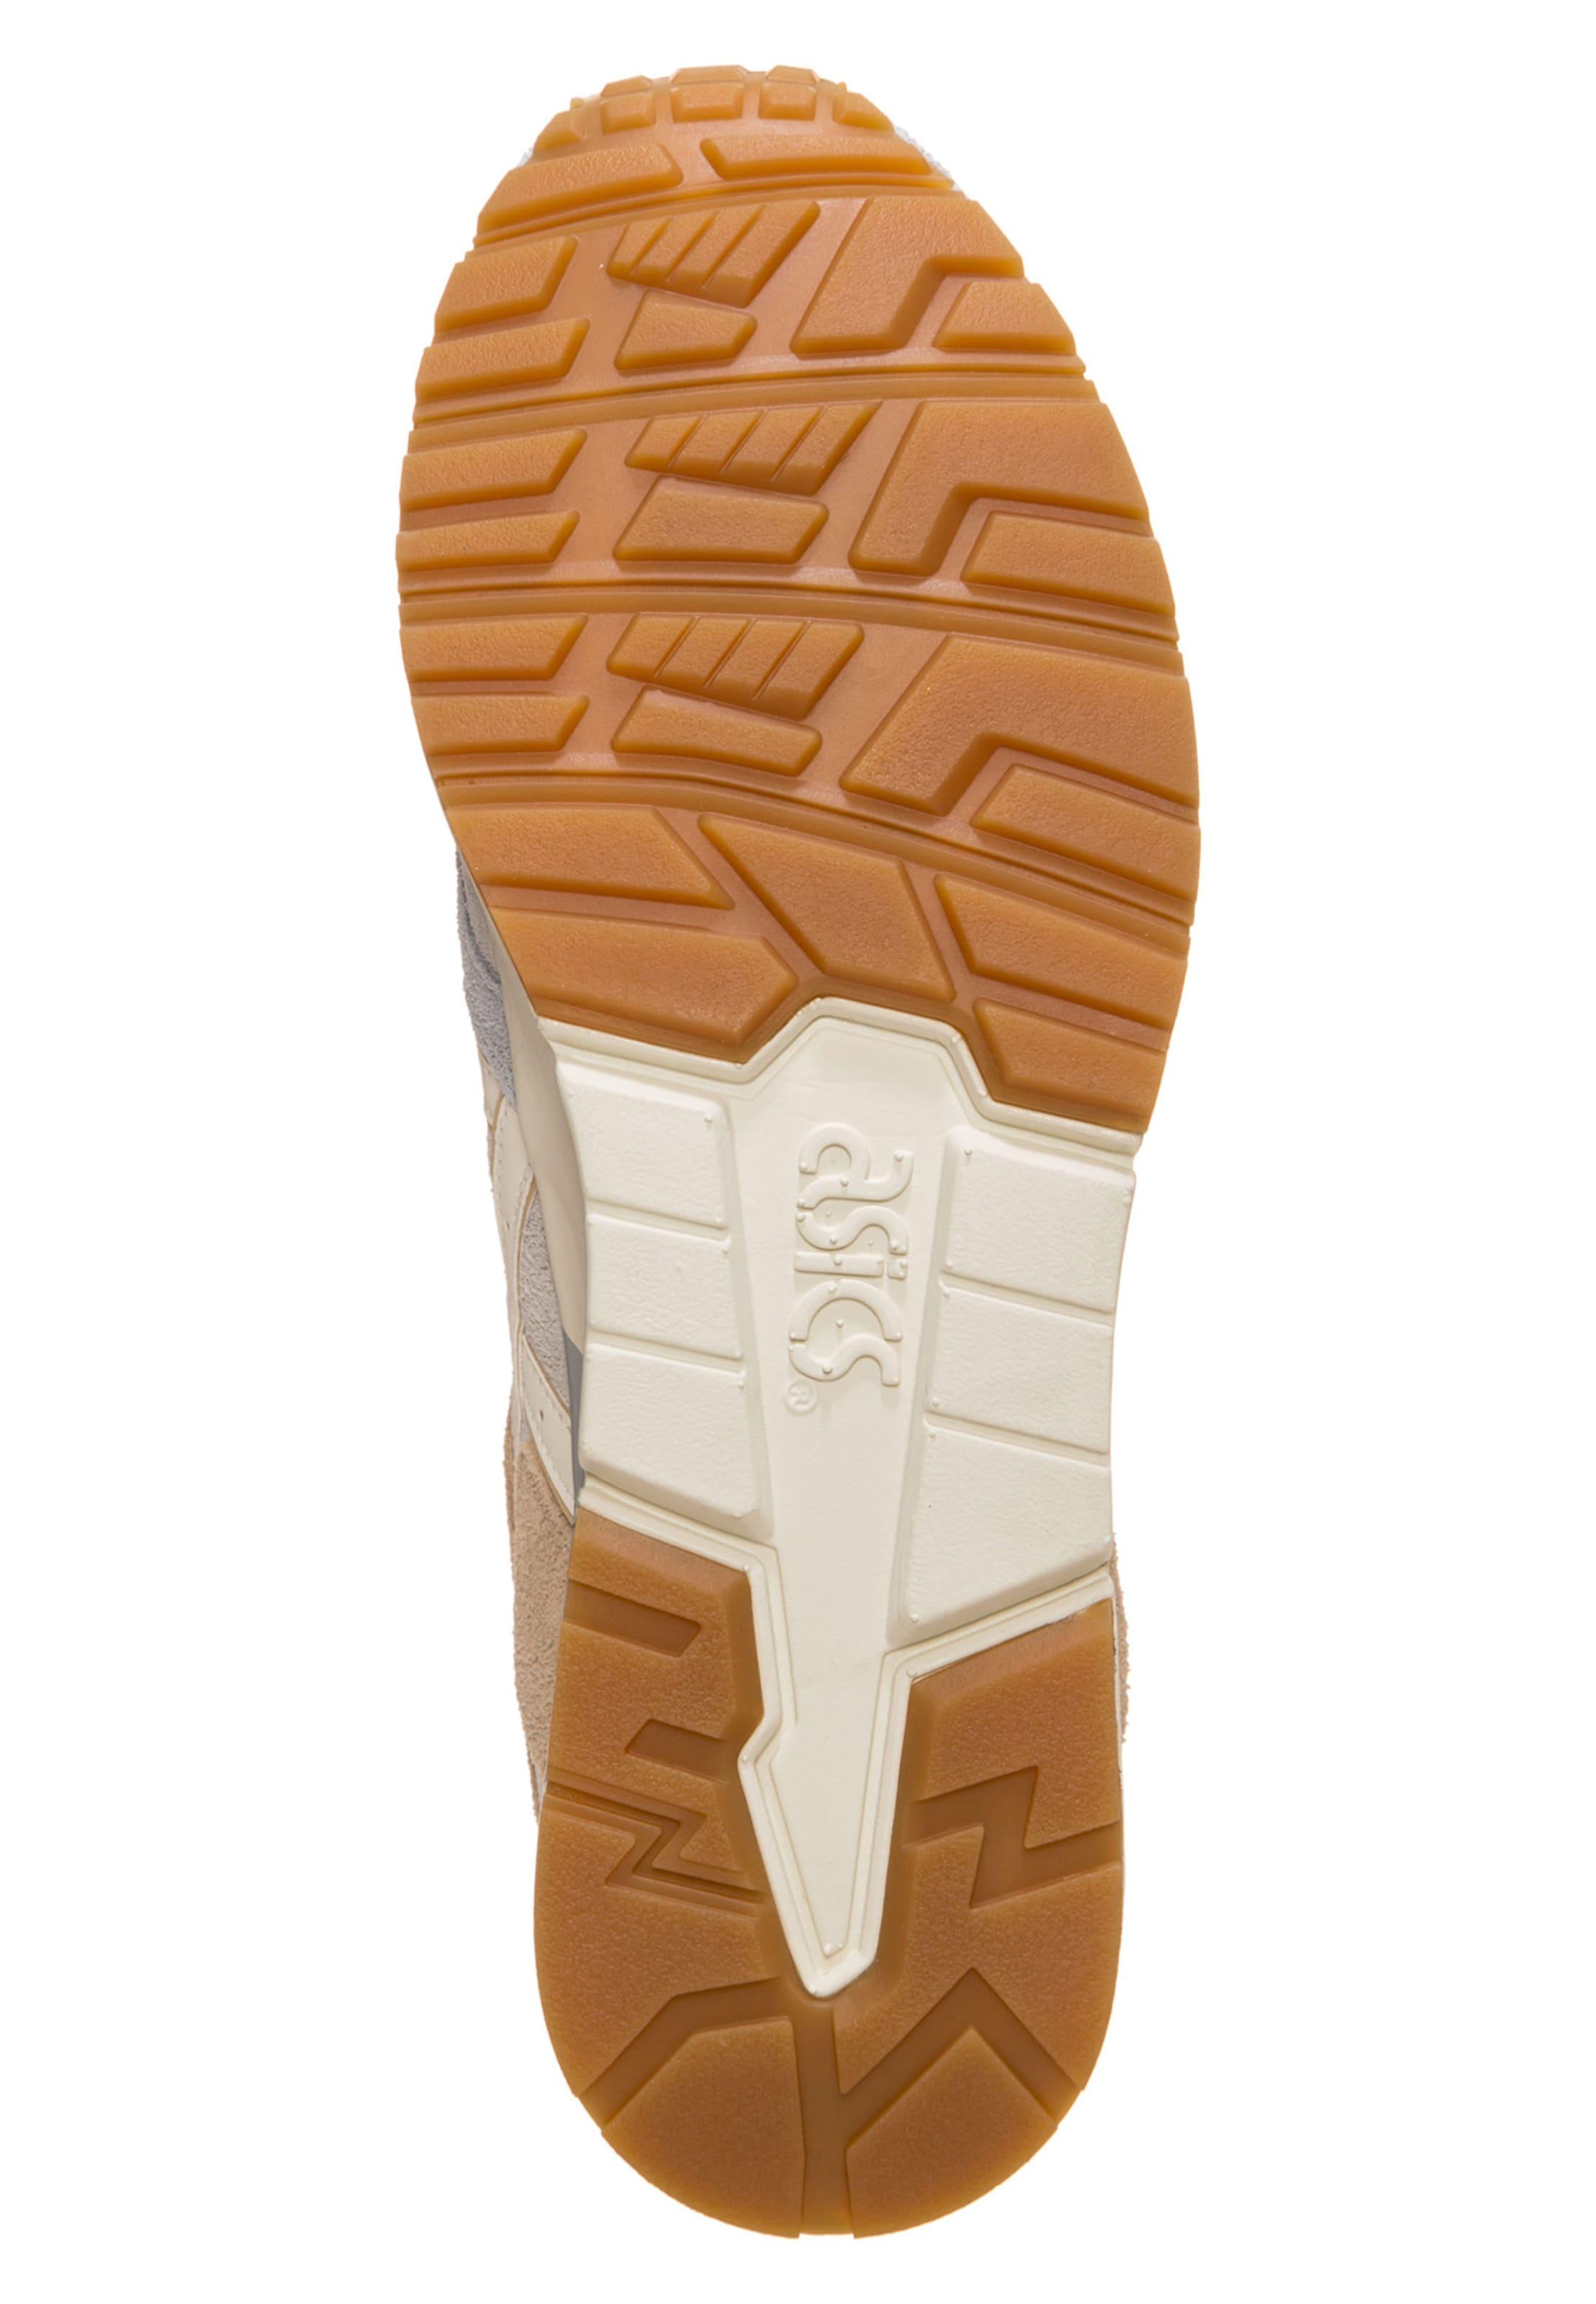 Asics Tiger Sneaker 'Gel-Lyte V' Rabatt In Deutschland Großer Verkauf Unter 70 Dollar 2018 Rabatt 100% Ig Garantiert Günstig Online qcGrd0H